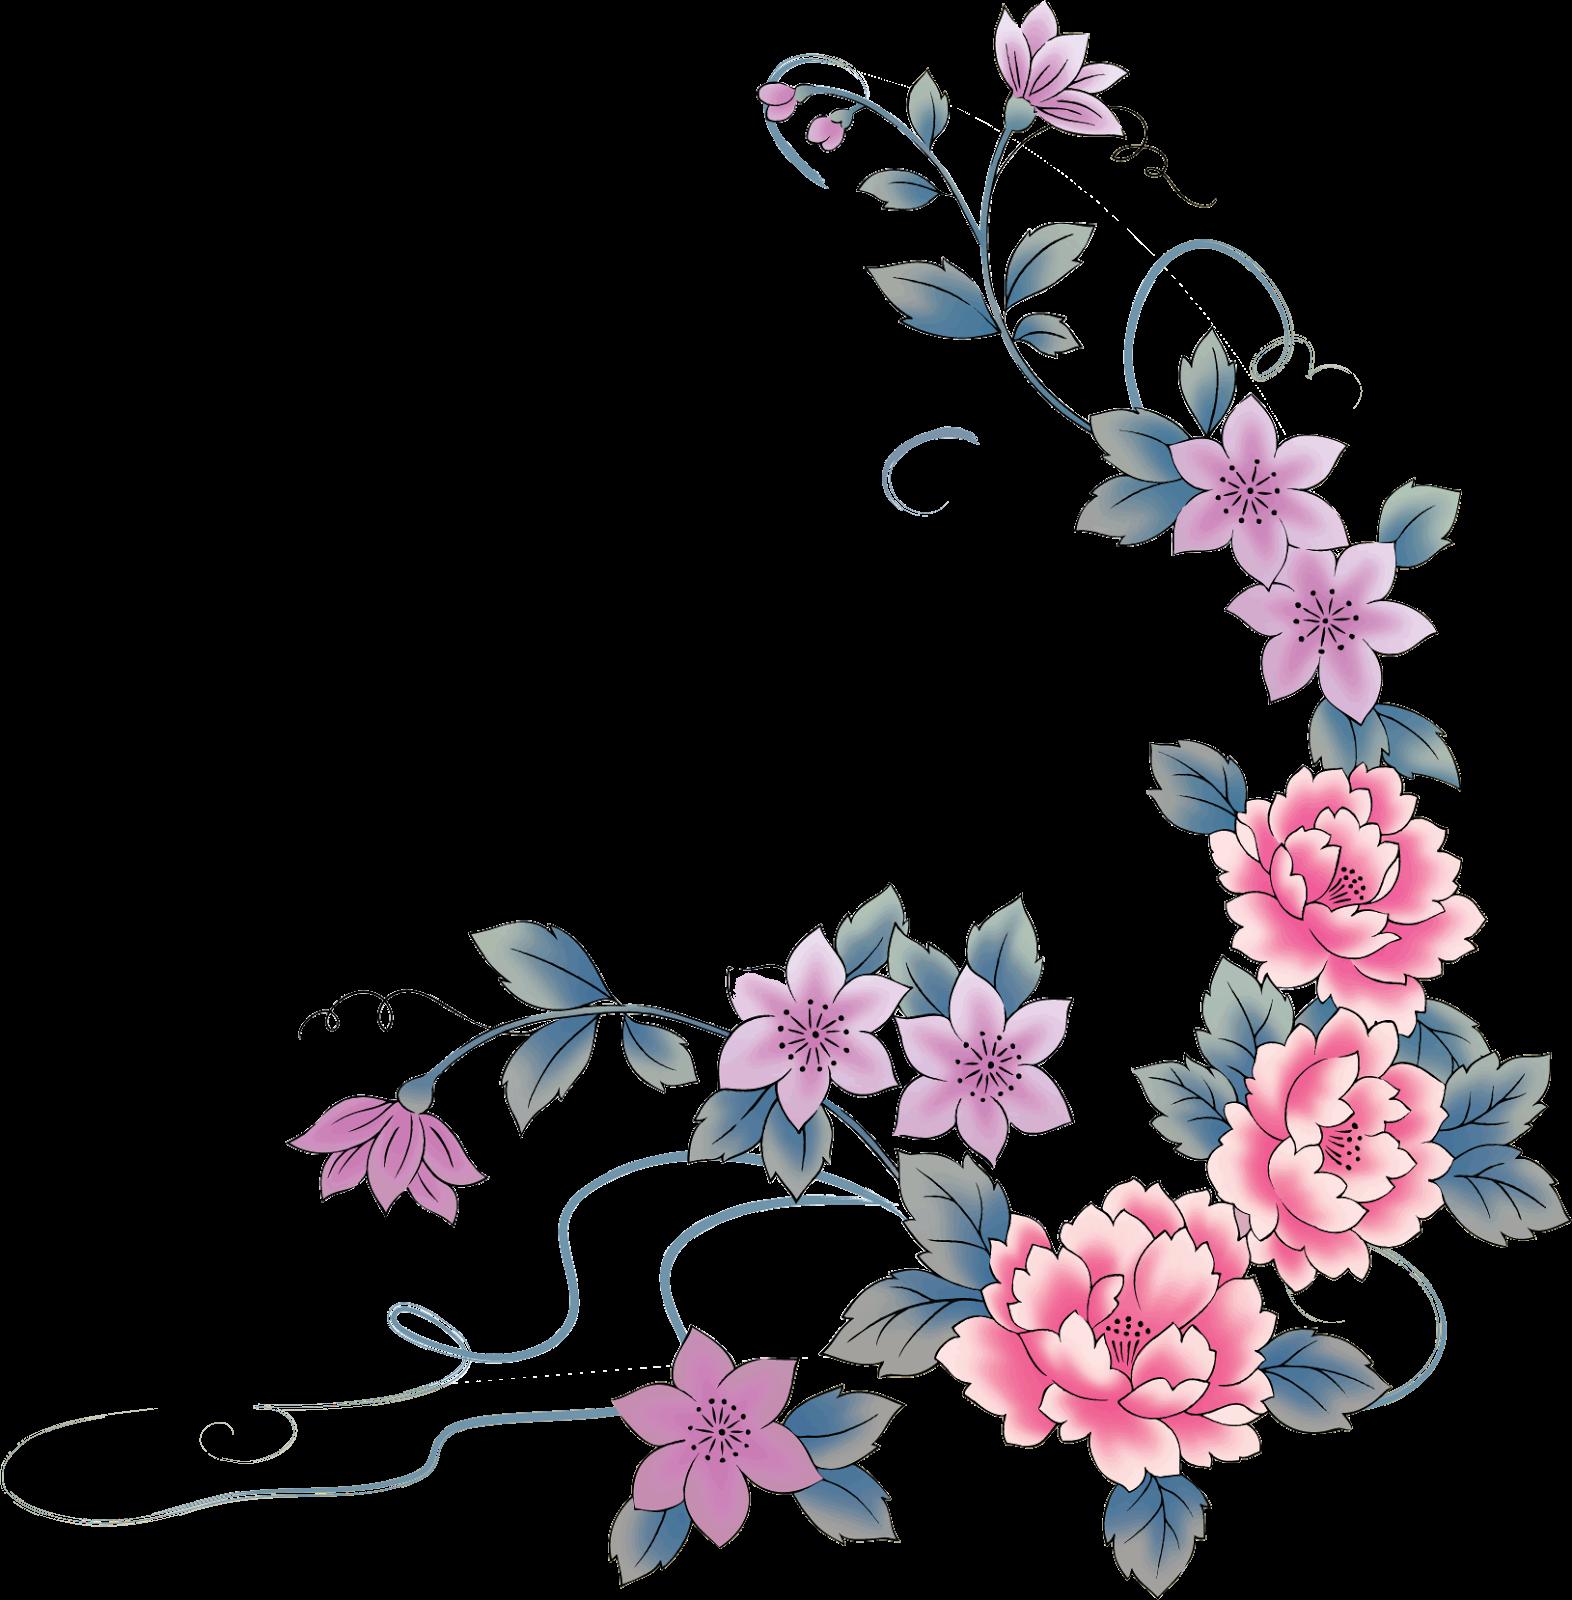 Resultado de imagen para de marcos de flores decoraci n - Decoracion con marcos ...